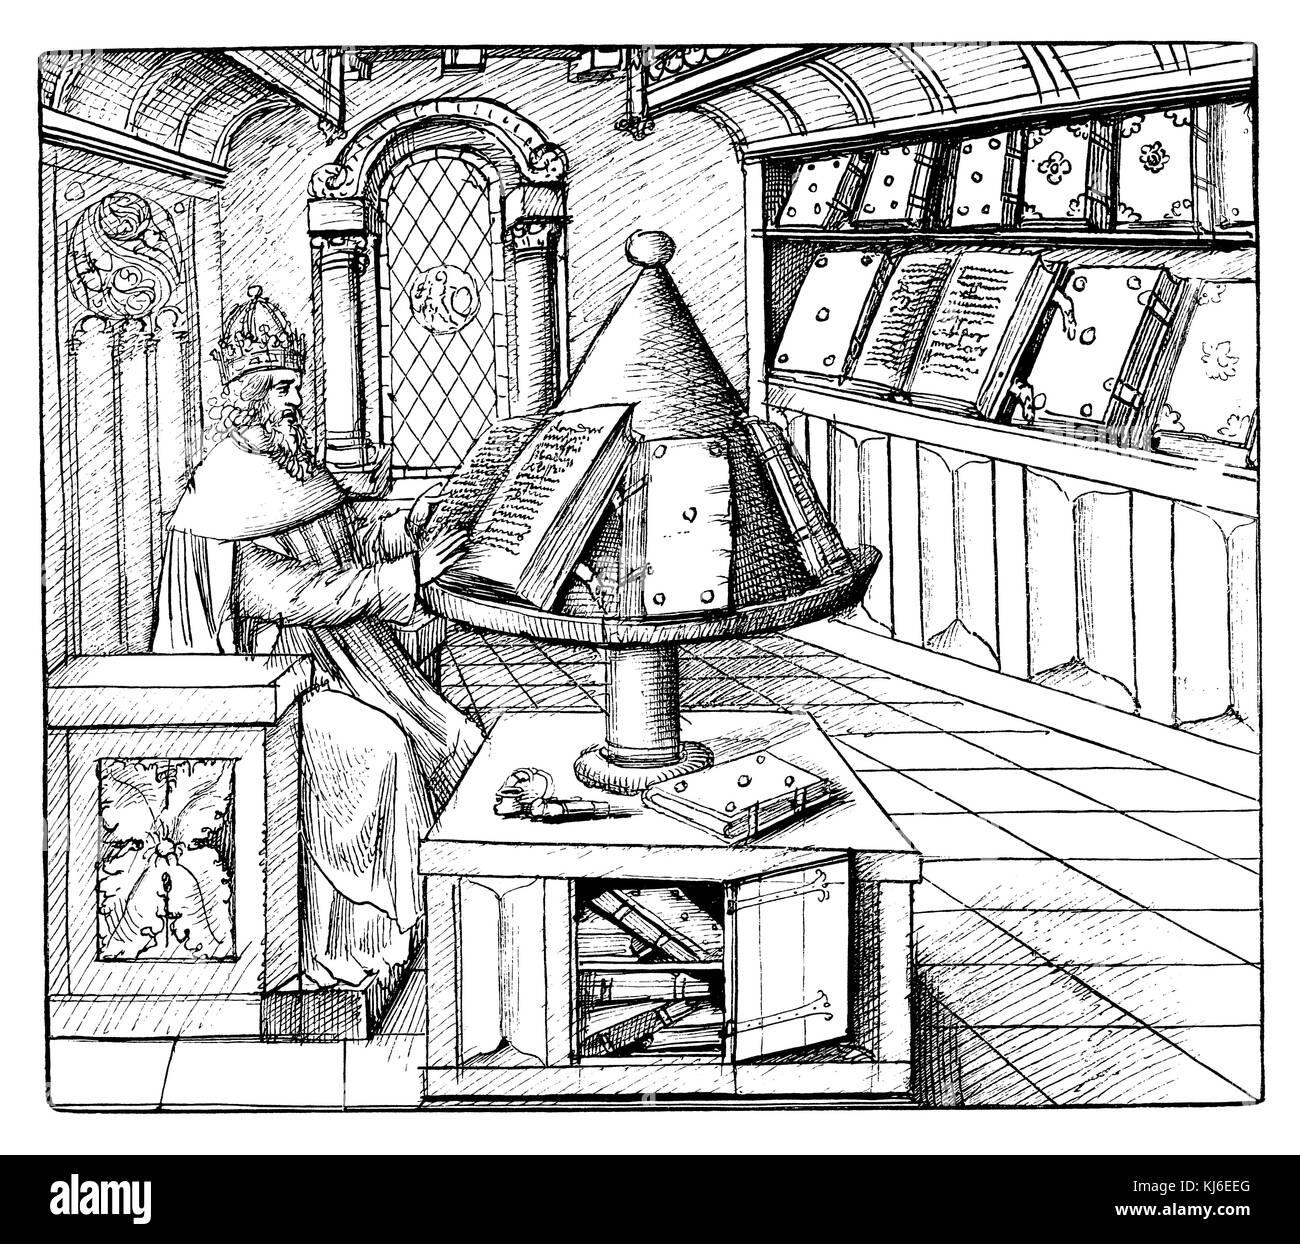 Bibliothek und scriptorium des 15. Jahrhunderts (Bücherei und schreibstube aus dem 15. Jahrhundert) Stockbild